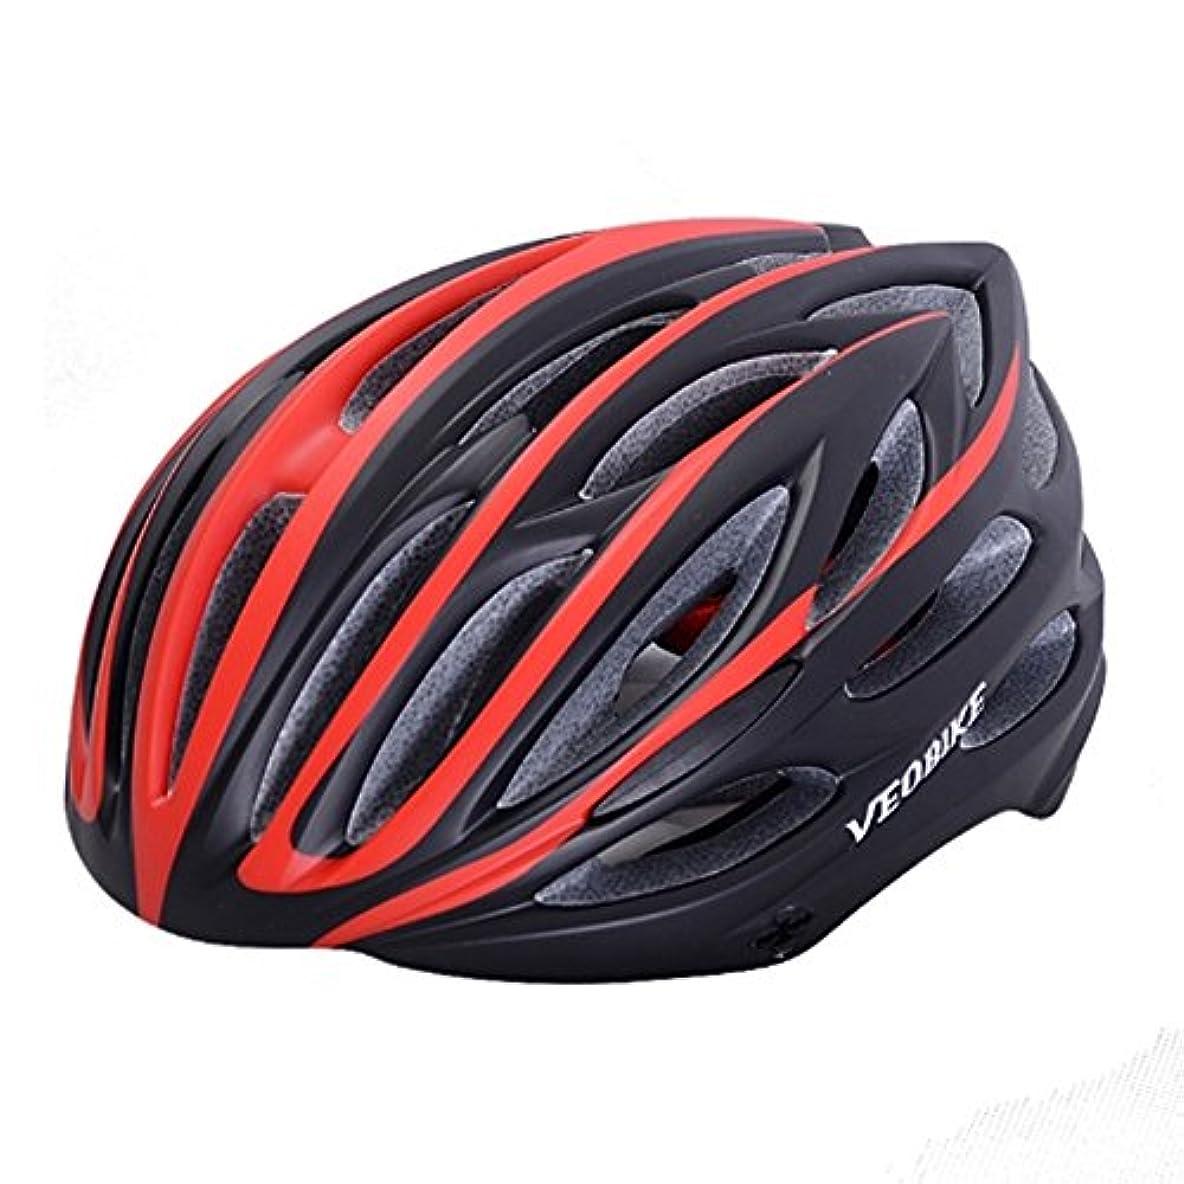 寸法世紀間隔ヘルメット サイクルヘルメット 大人用 自転車ヘルメット ロードバイク メンズ レディース マウンテン バイク用ヘルメット